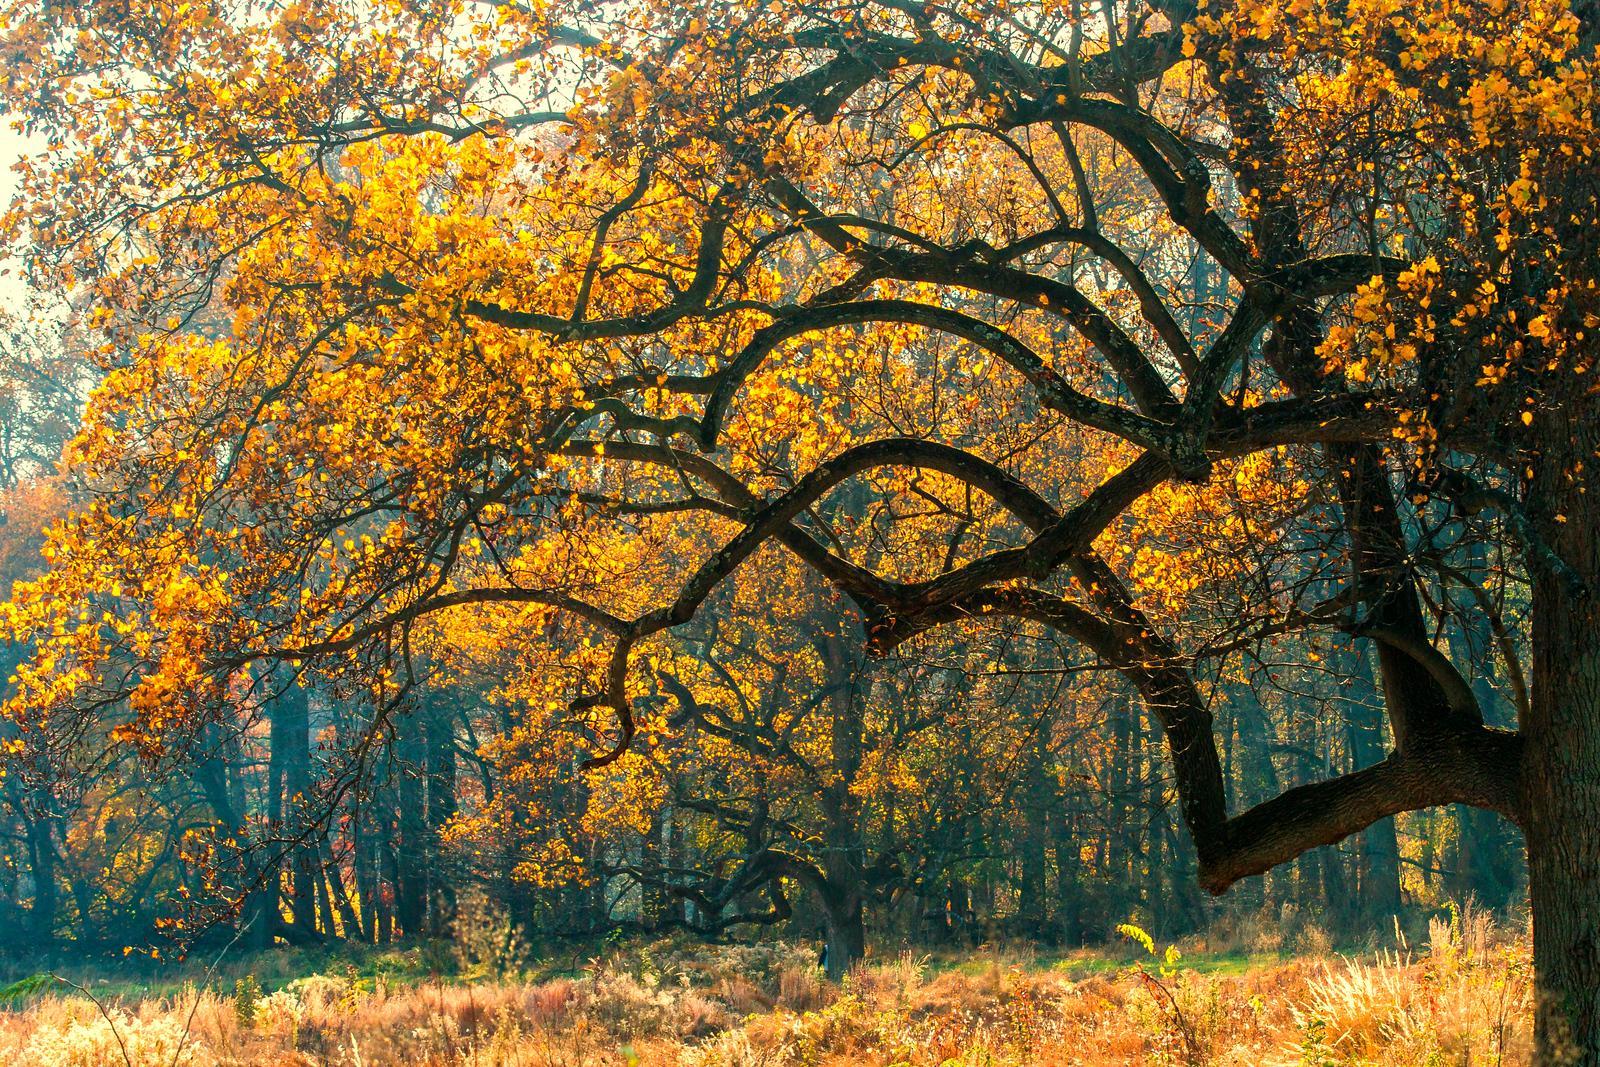 秋景秋色,瞬间的变化